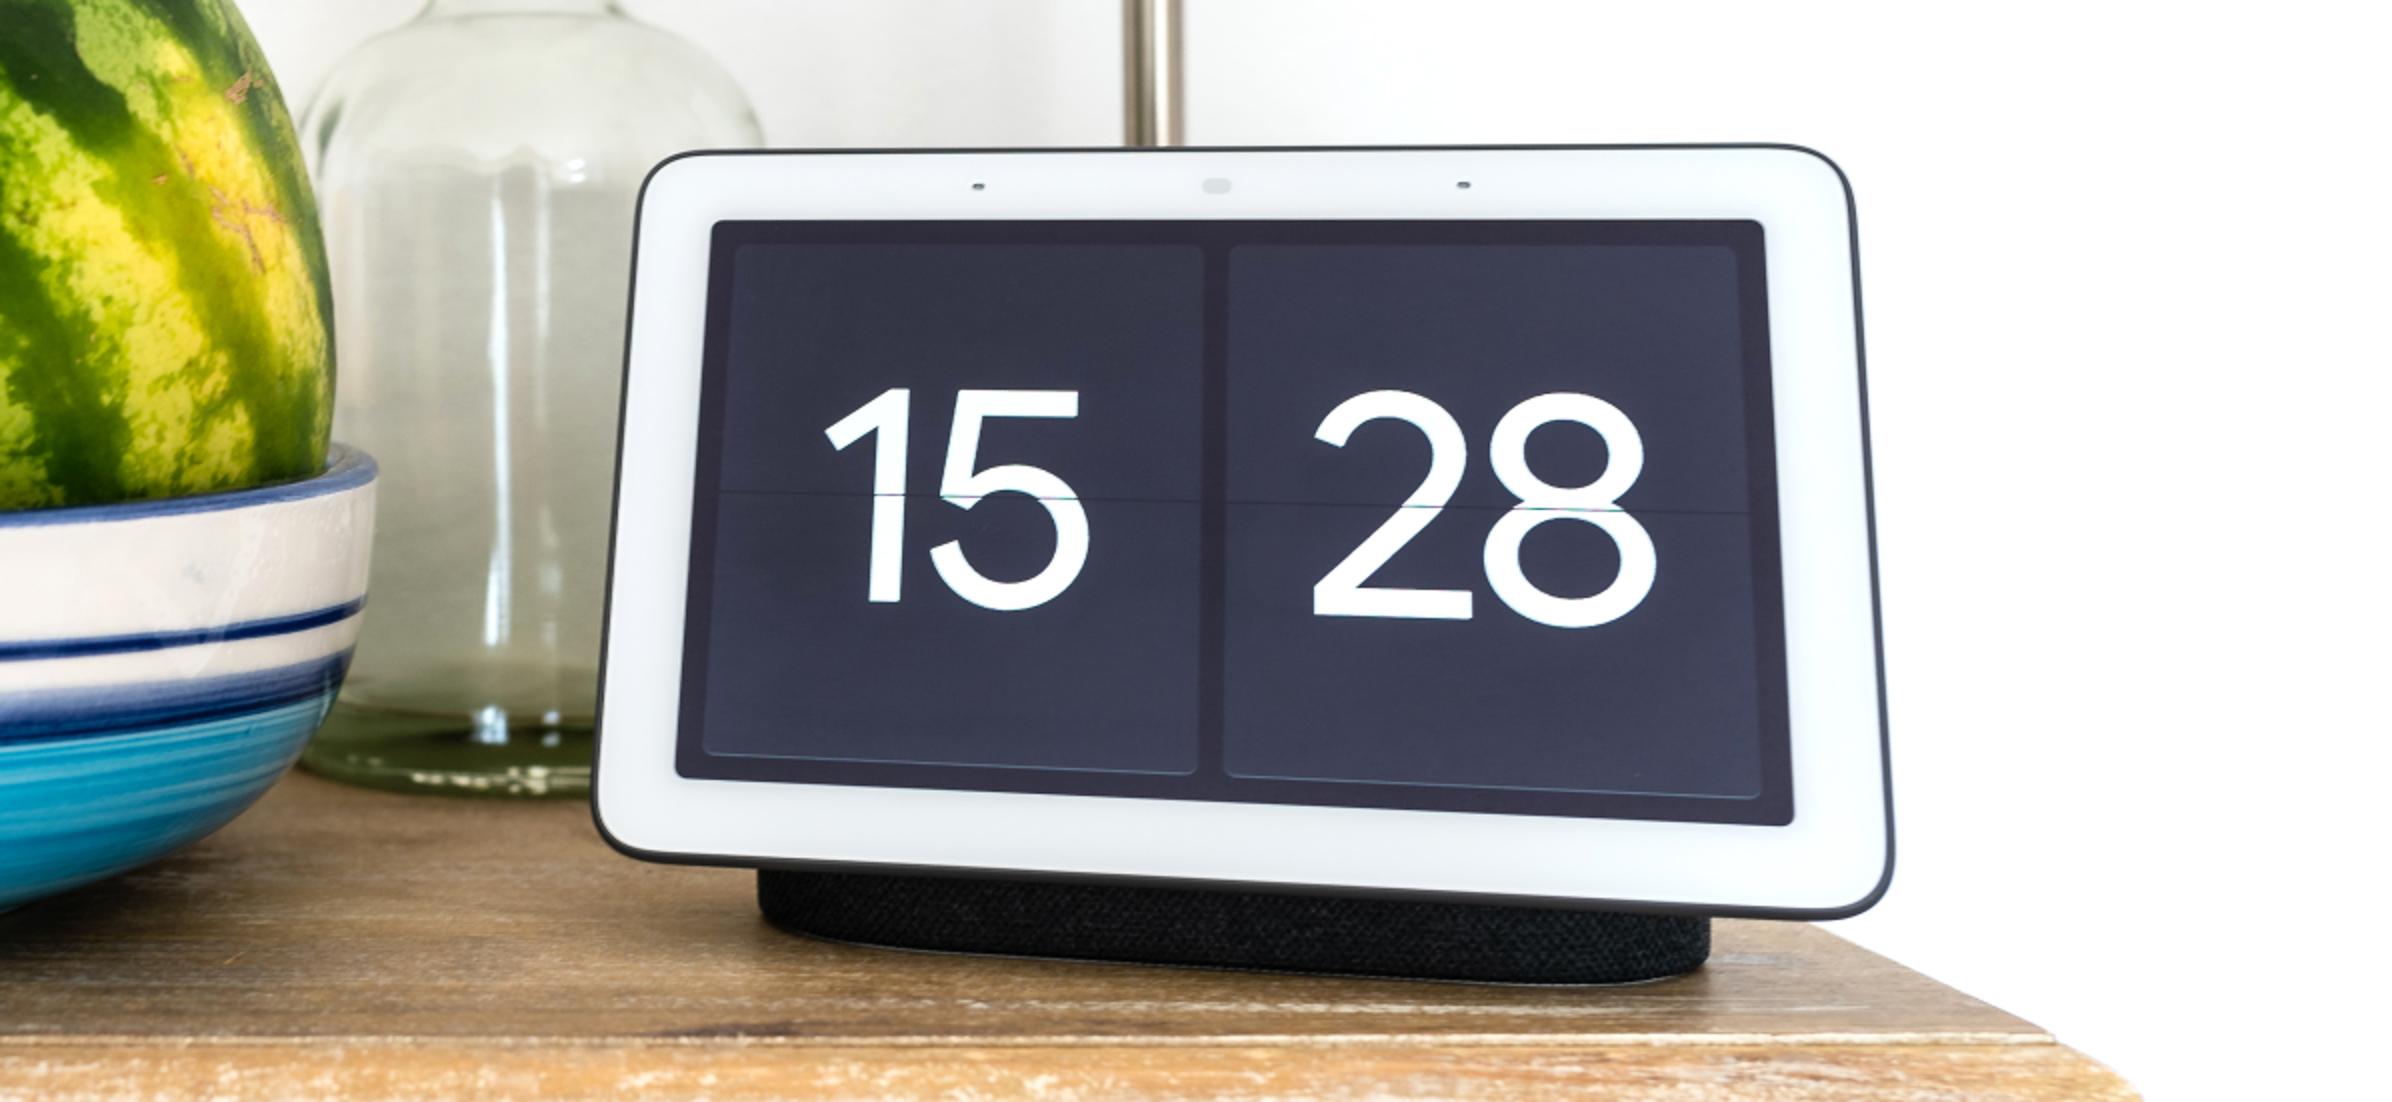 Cómo obtener un reloj de pantalla completa en Google Nest Hub